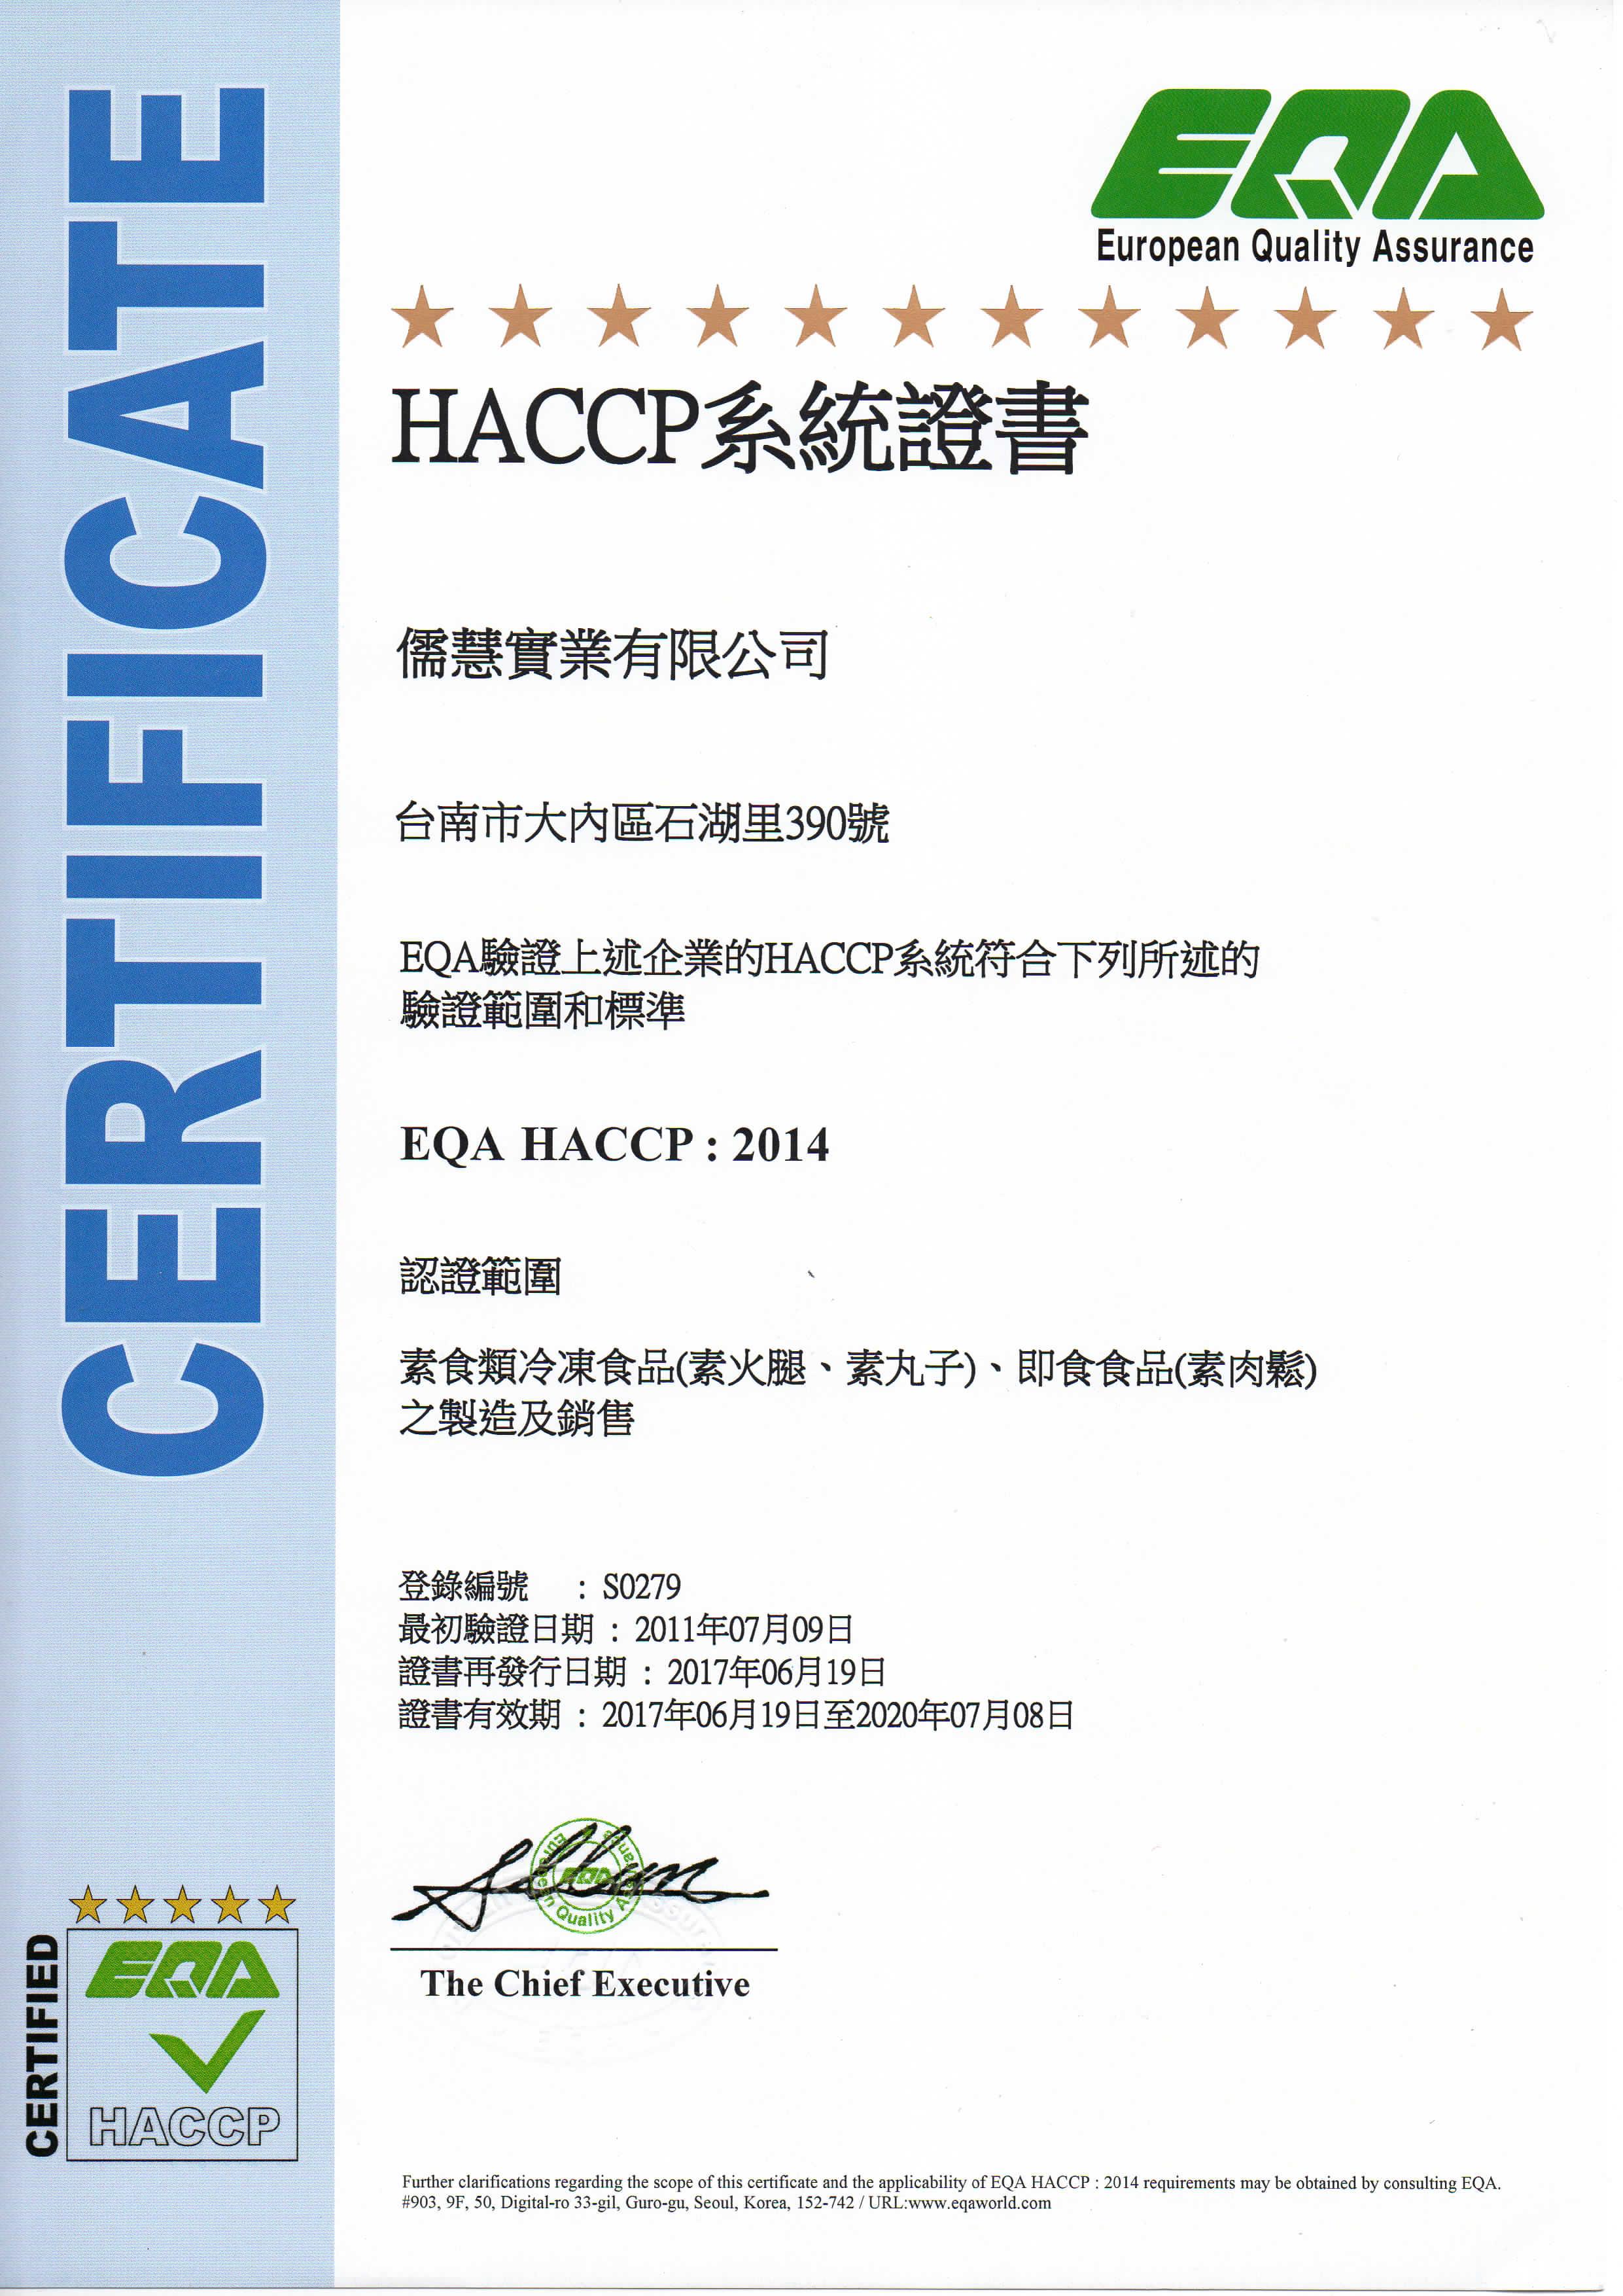 檢驗報告,HACCP,碳足跡_頁面_14